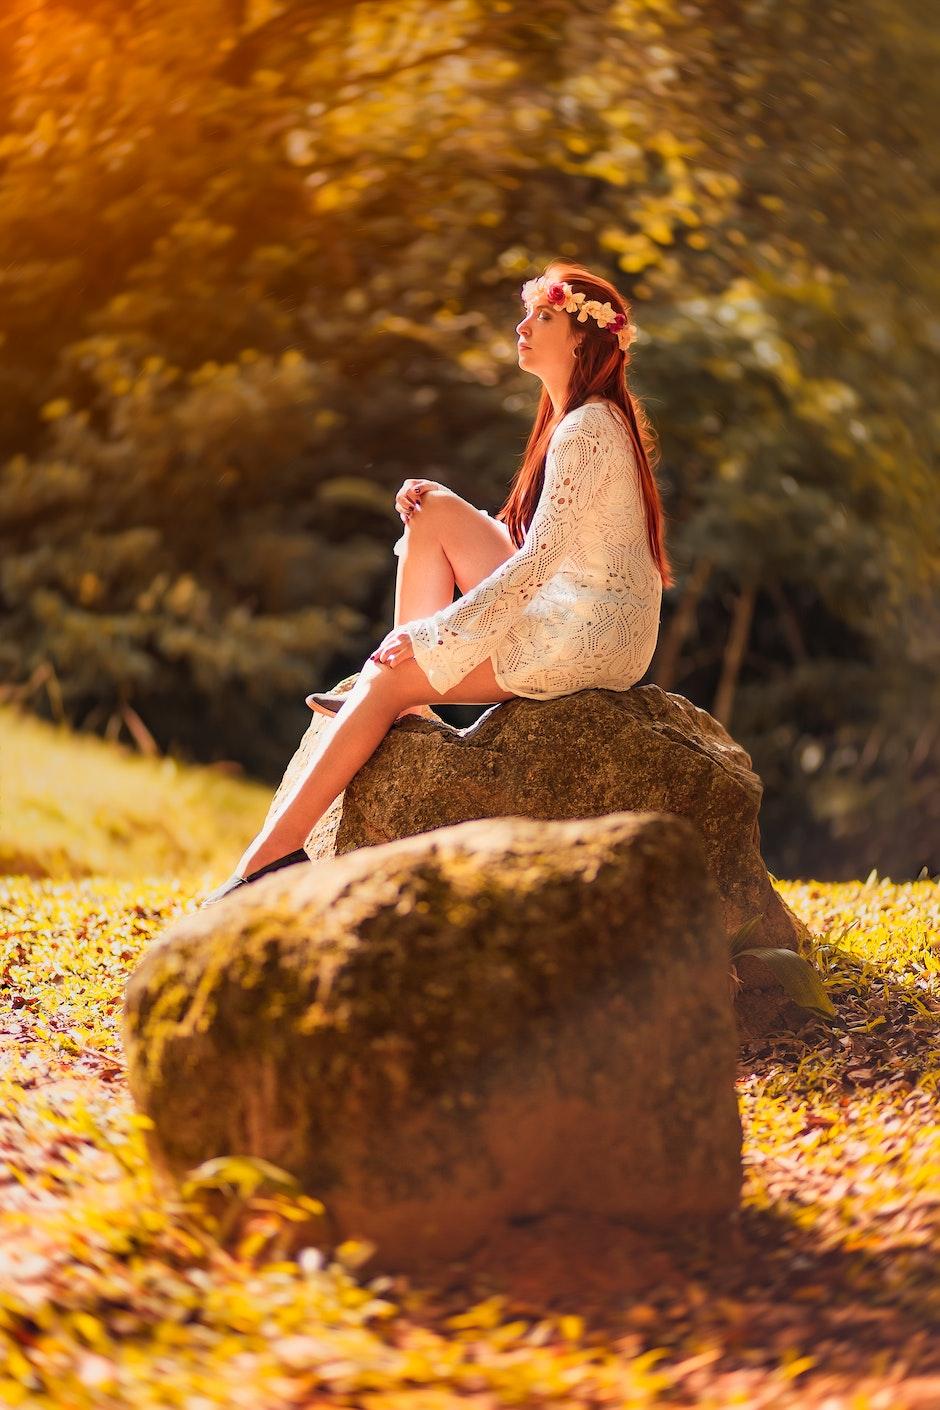 boulder, dress, fashion